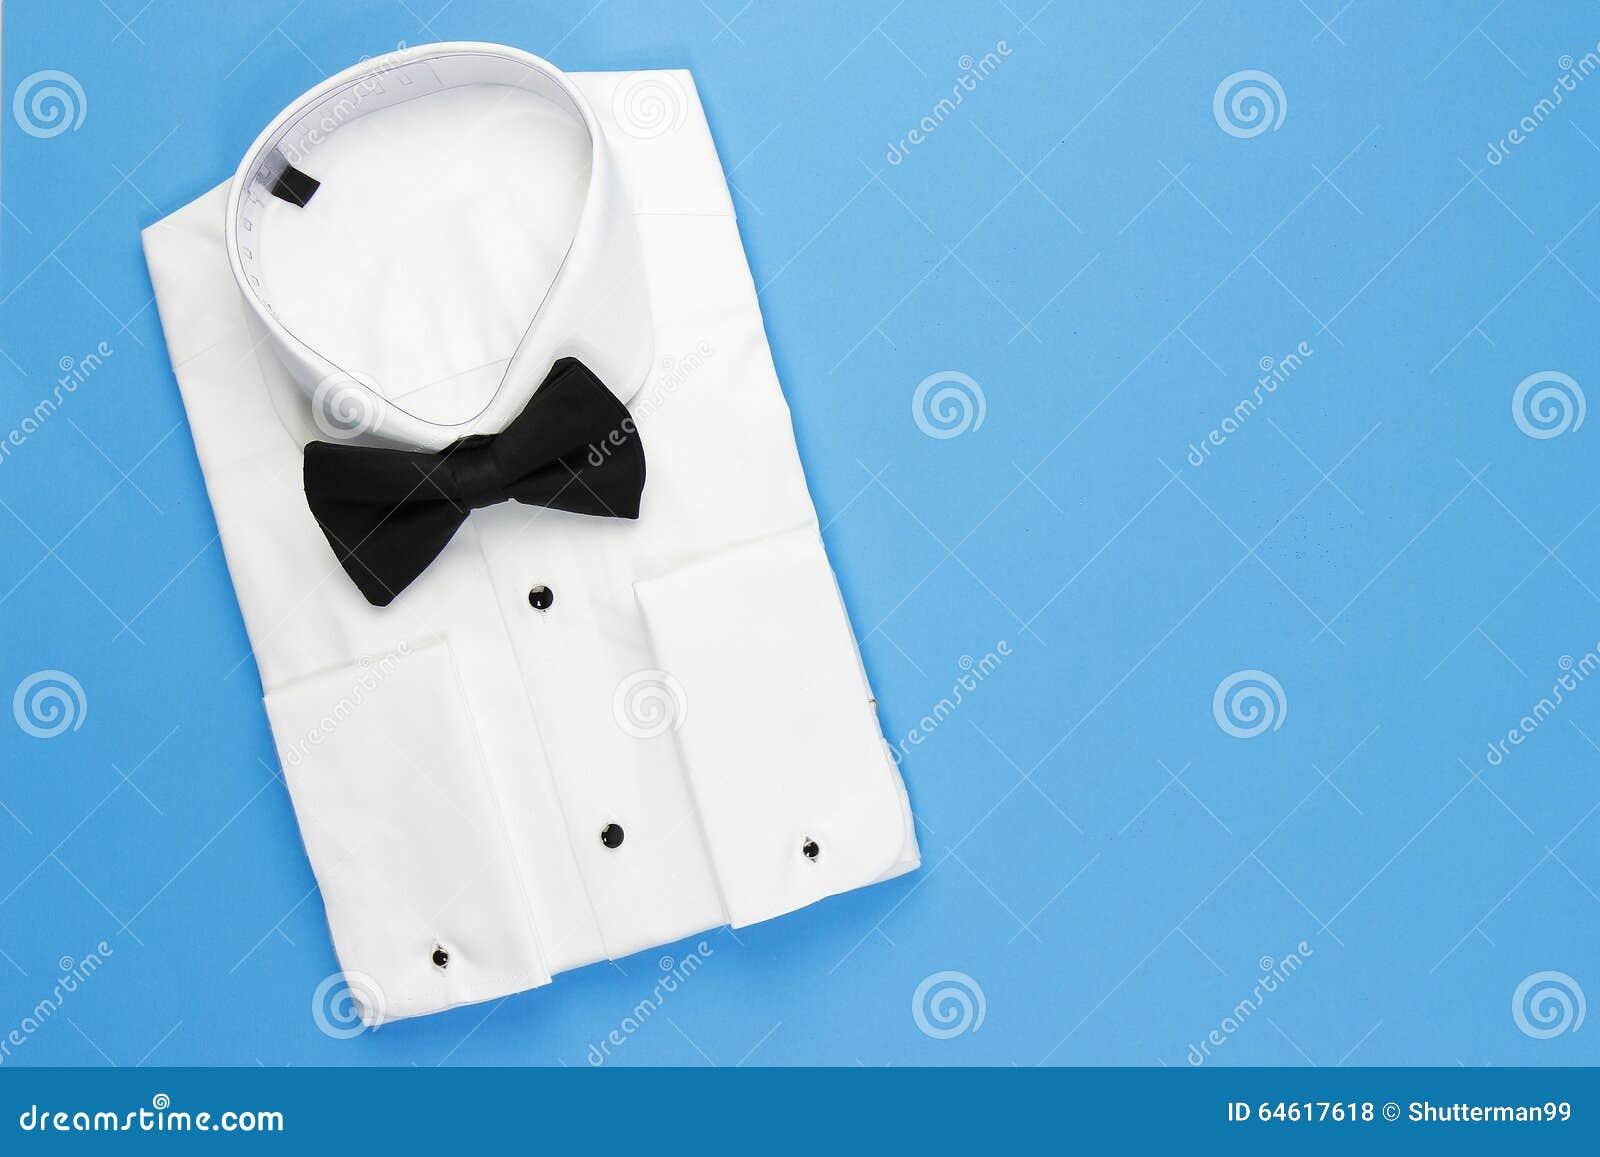 570756c1f50 Camisa Blanca Elegante Para Los Hombres Con La Corbata De Lazo Negra ...